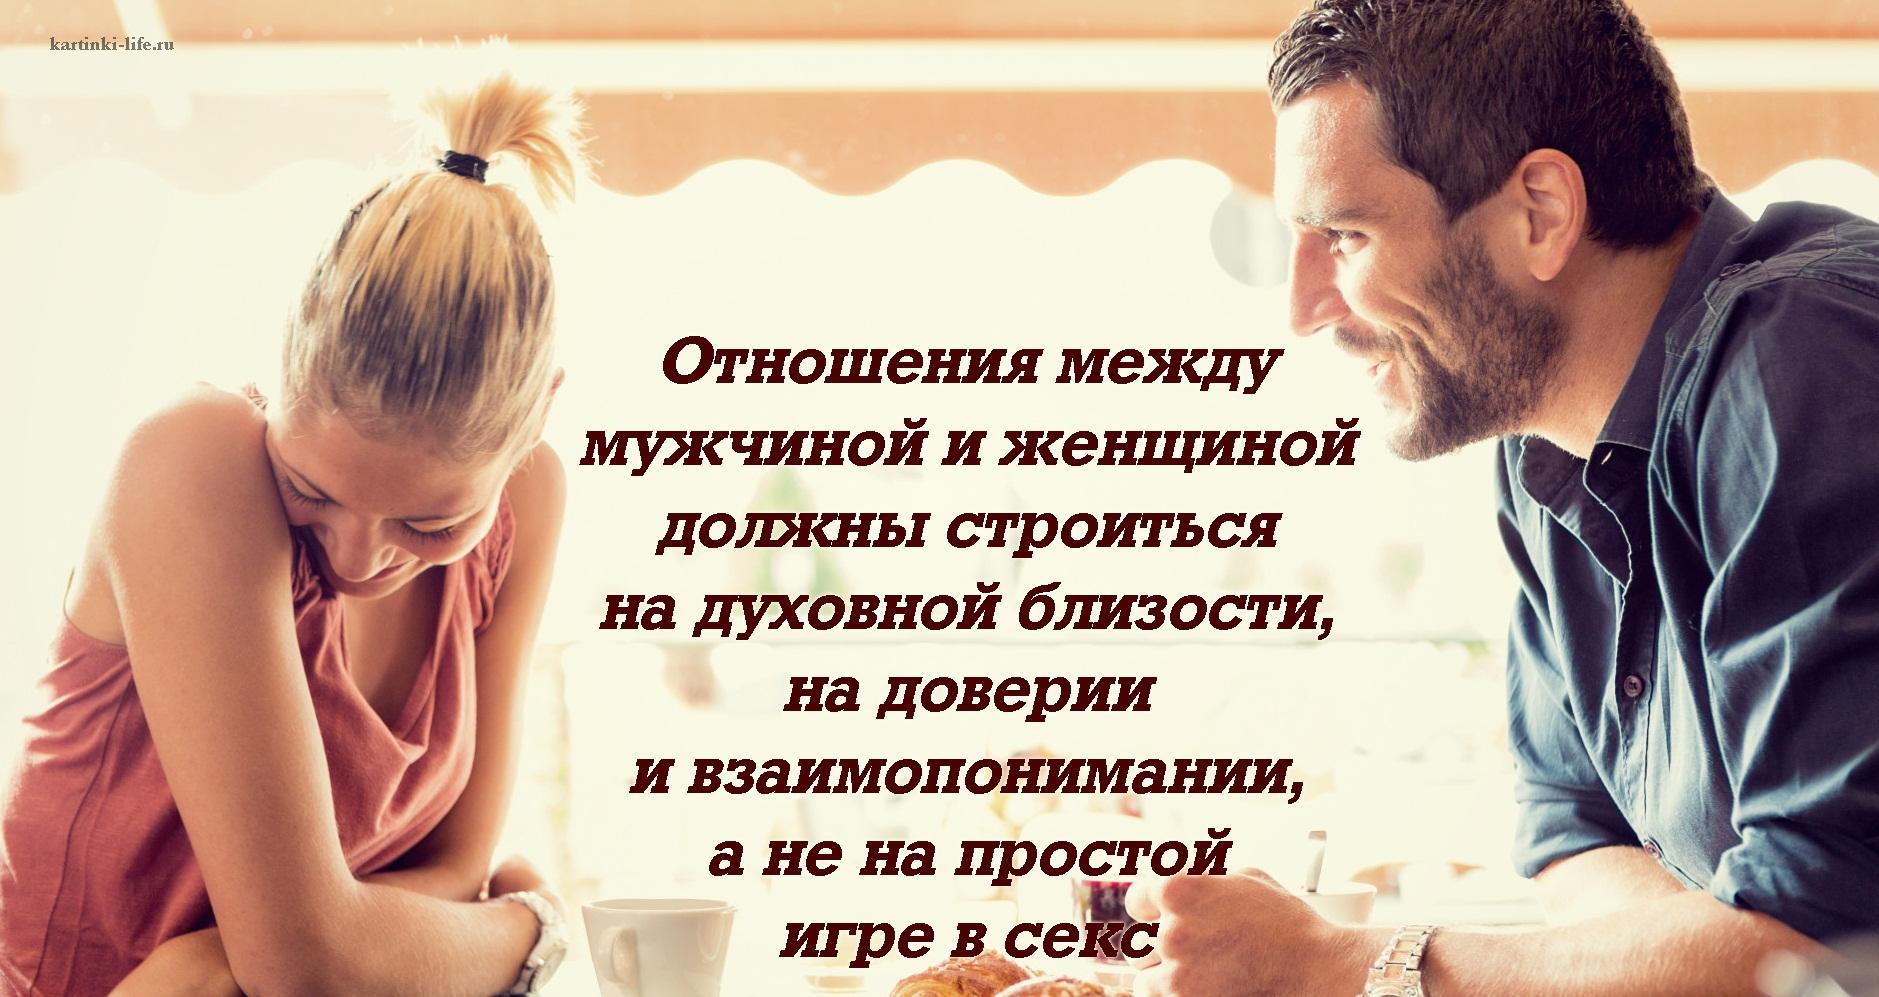 Отношение между мужчиной и женщиной в контакте